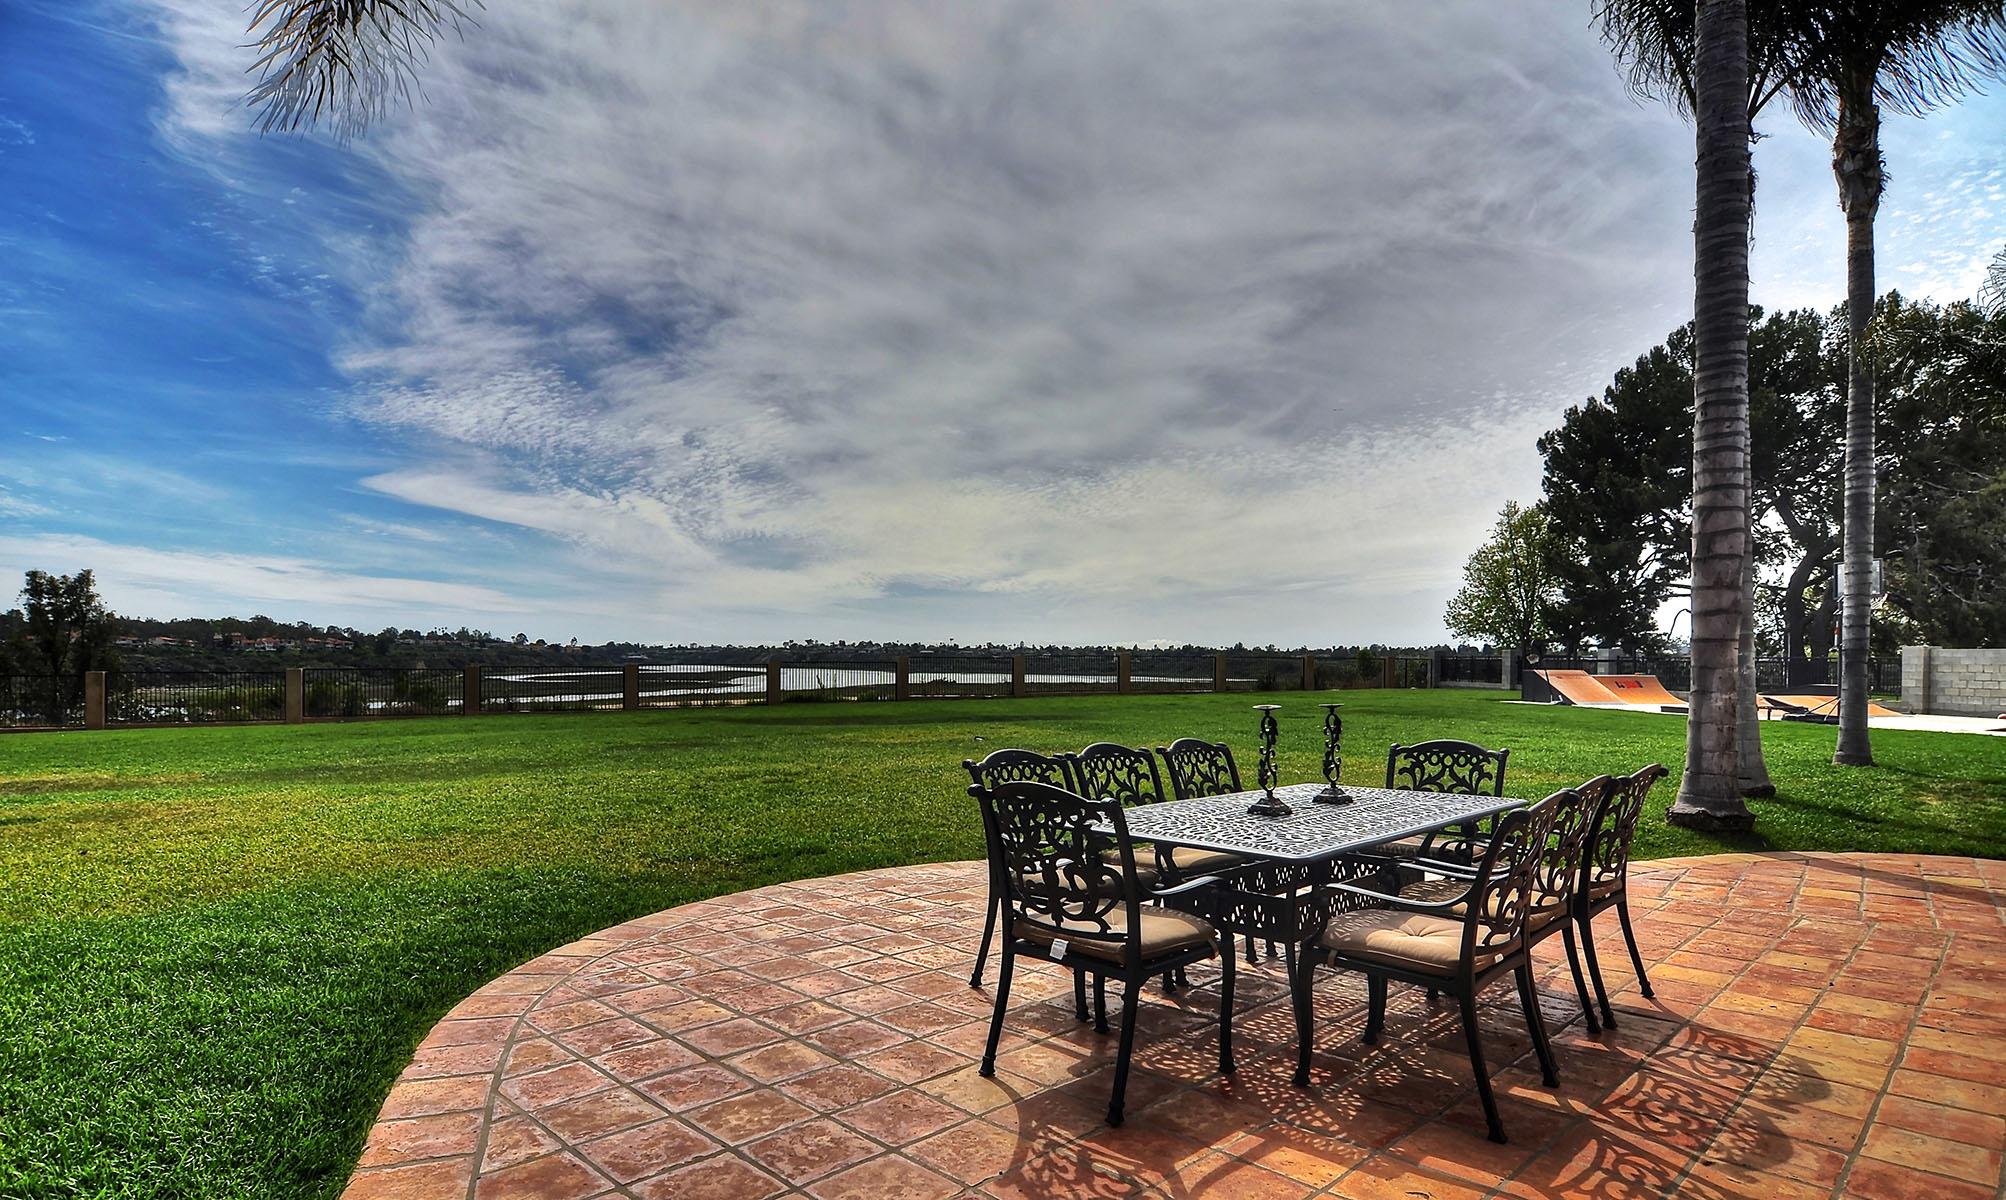 Terreno per Vendita alle ore Villa di Cavalli Newport Beach, California, 92660 Stati Uniti